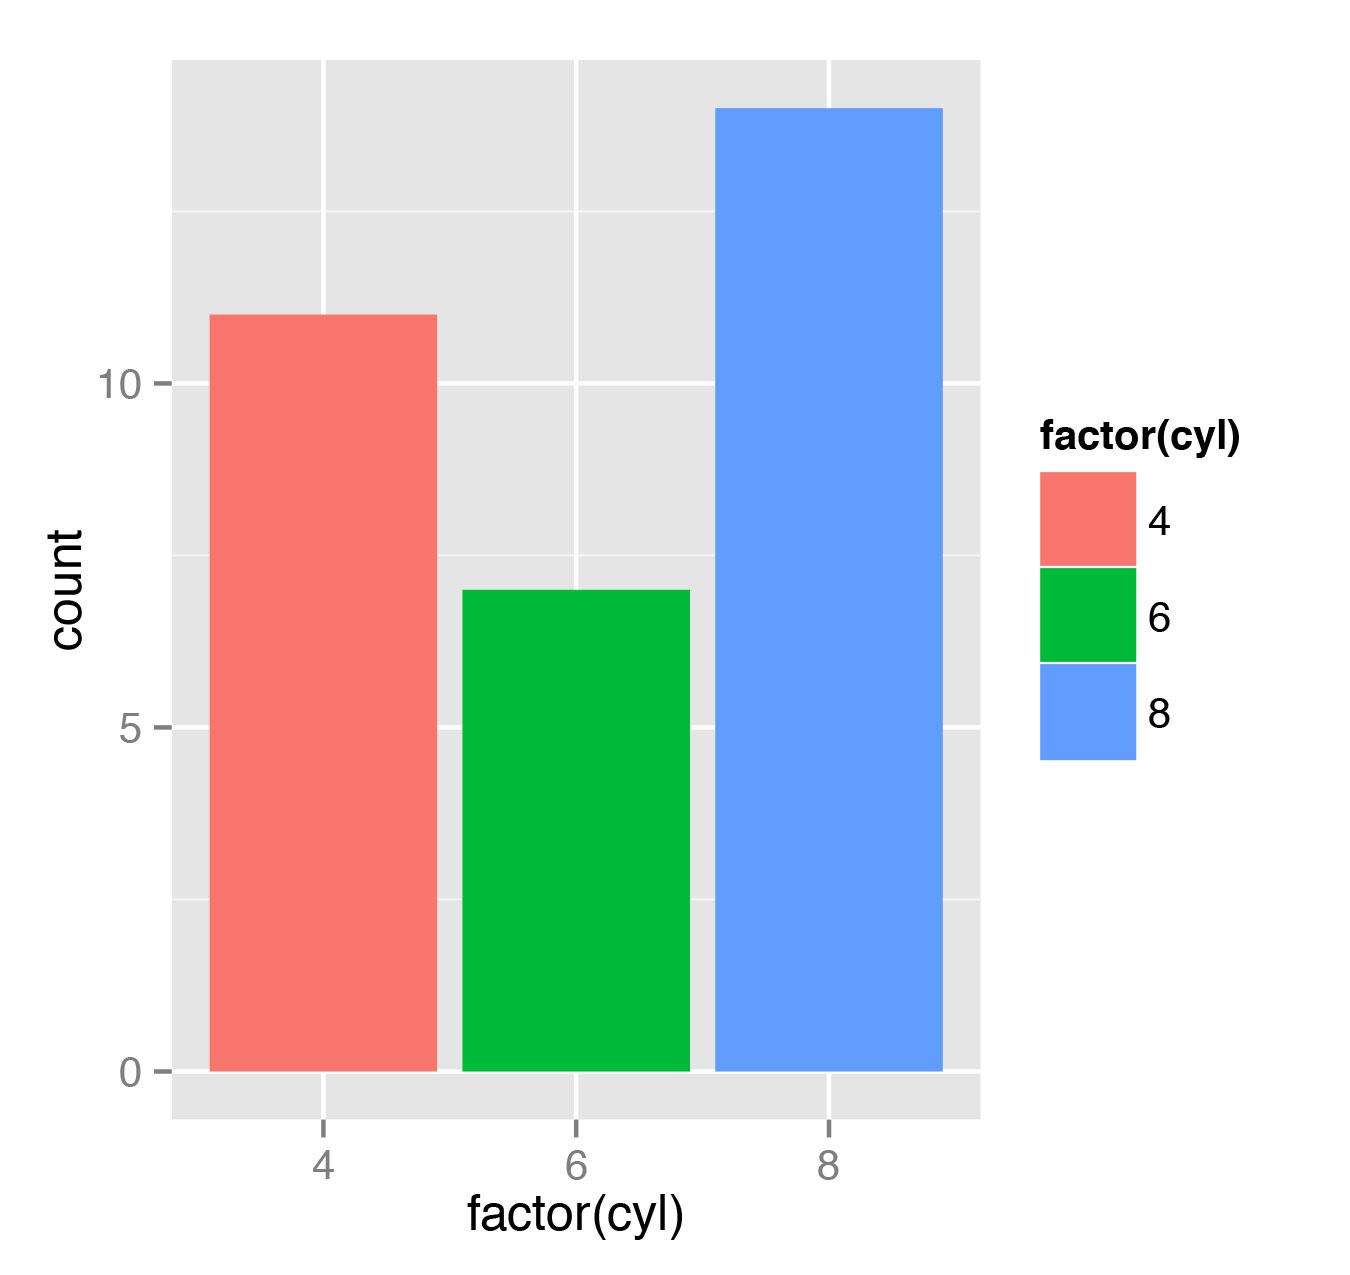 Рис. 4. Распределение автомобилей по числу цилиндров в нашем наборе данных